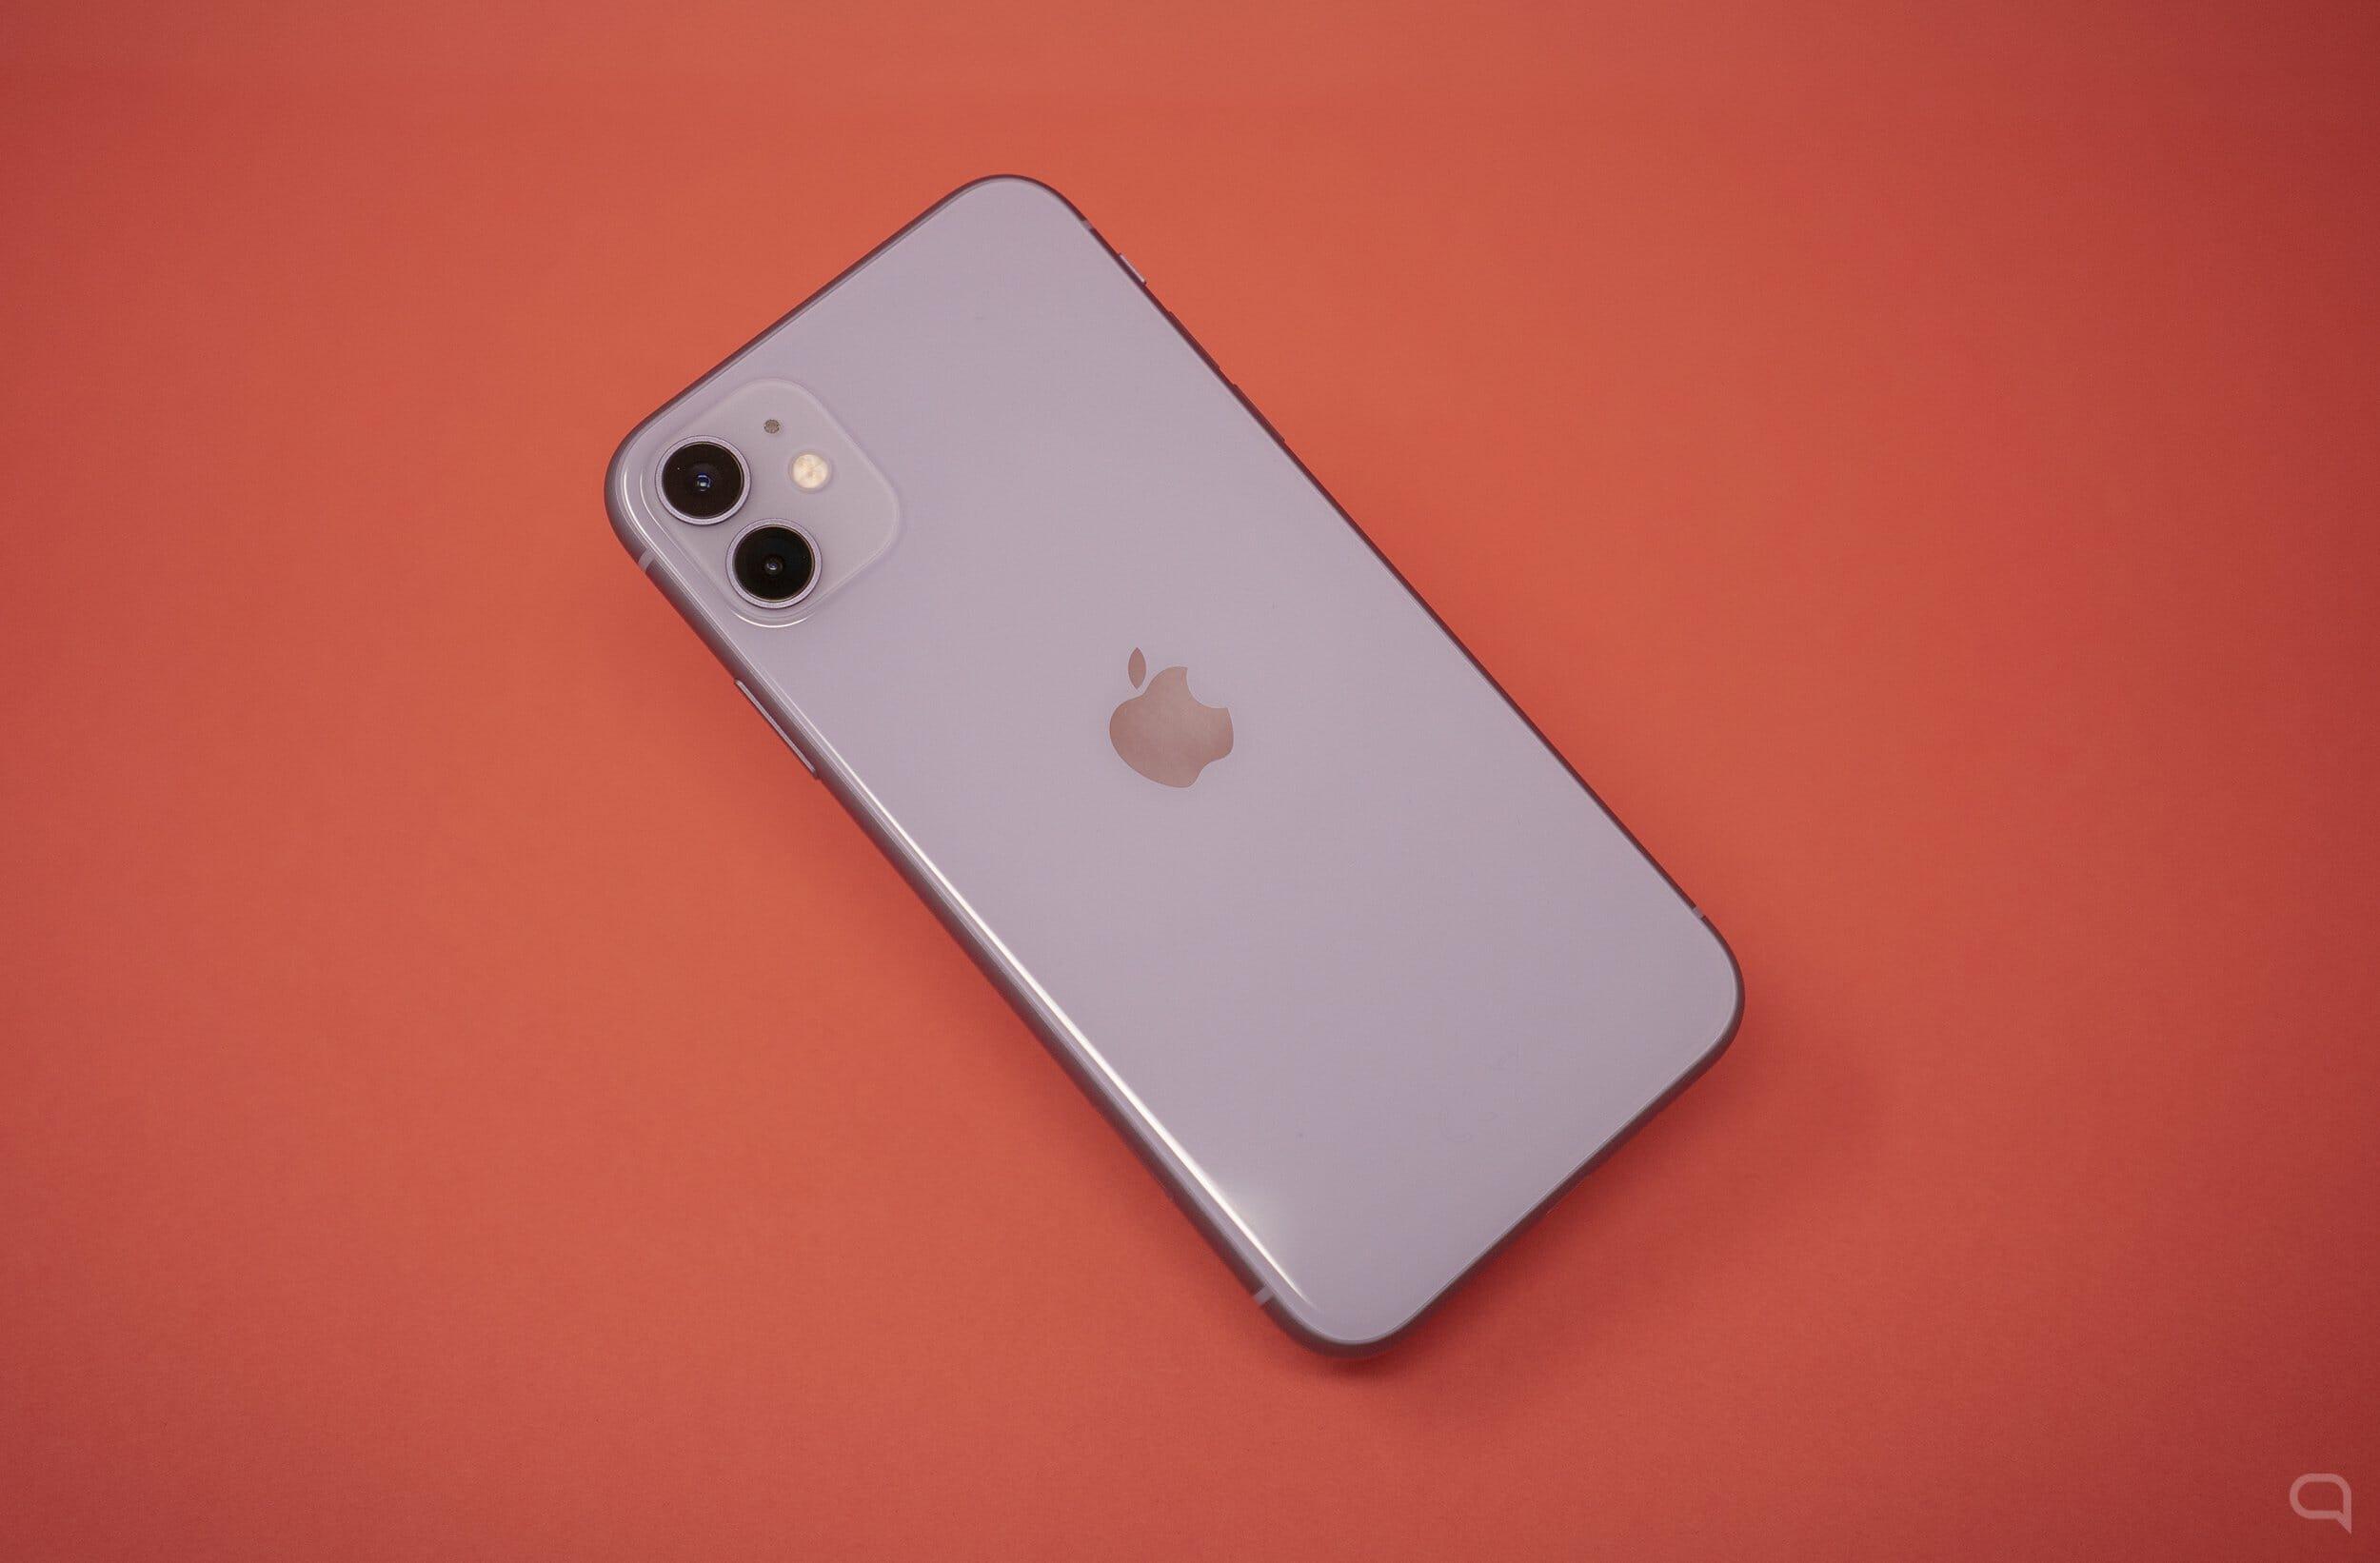 İPhone 11'in sökülmesi, iki taraflı kablosuz şarjın bulunmadığını onaylar 1